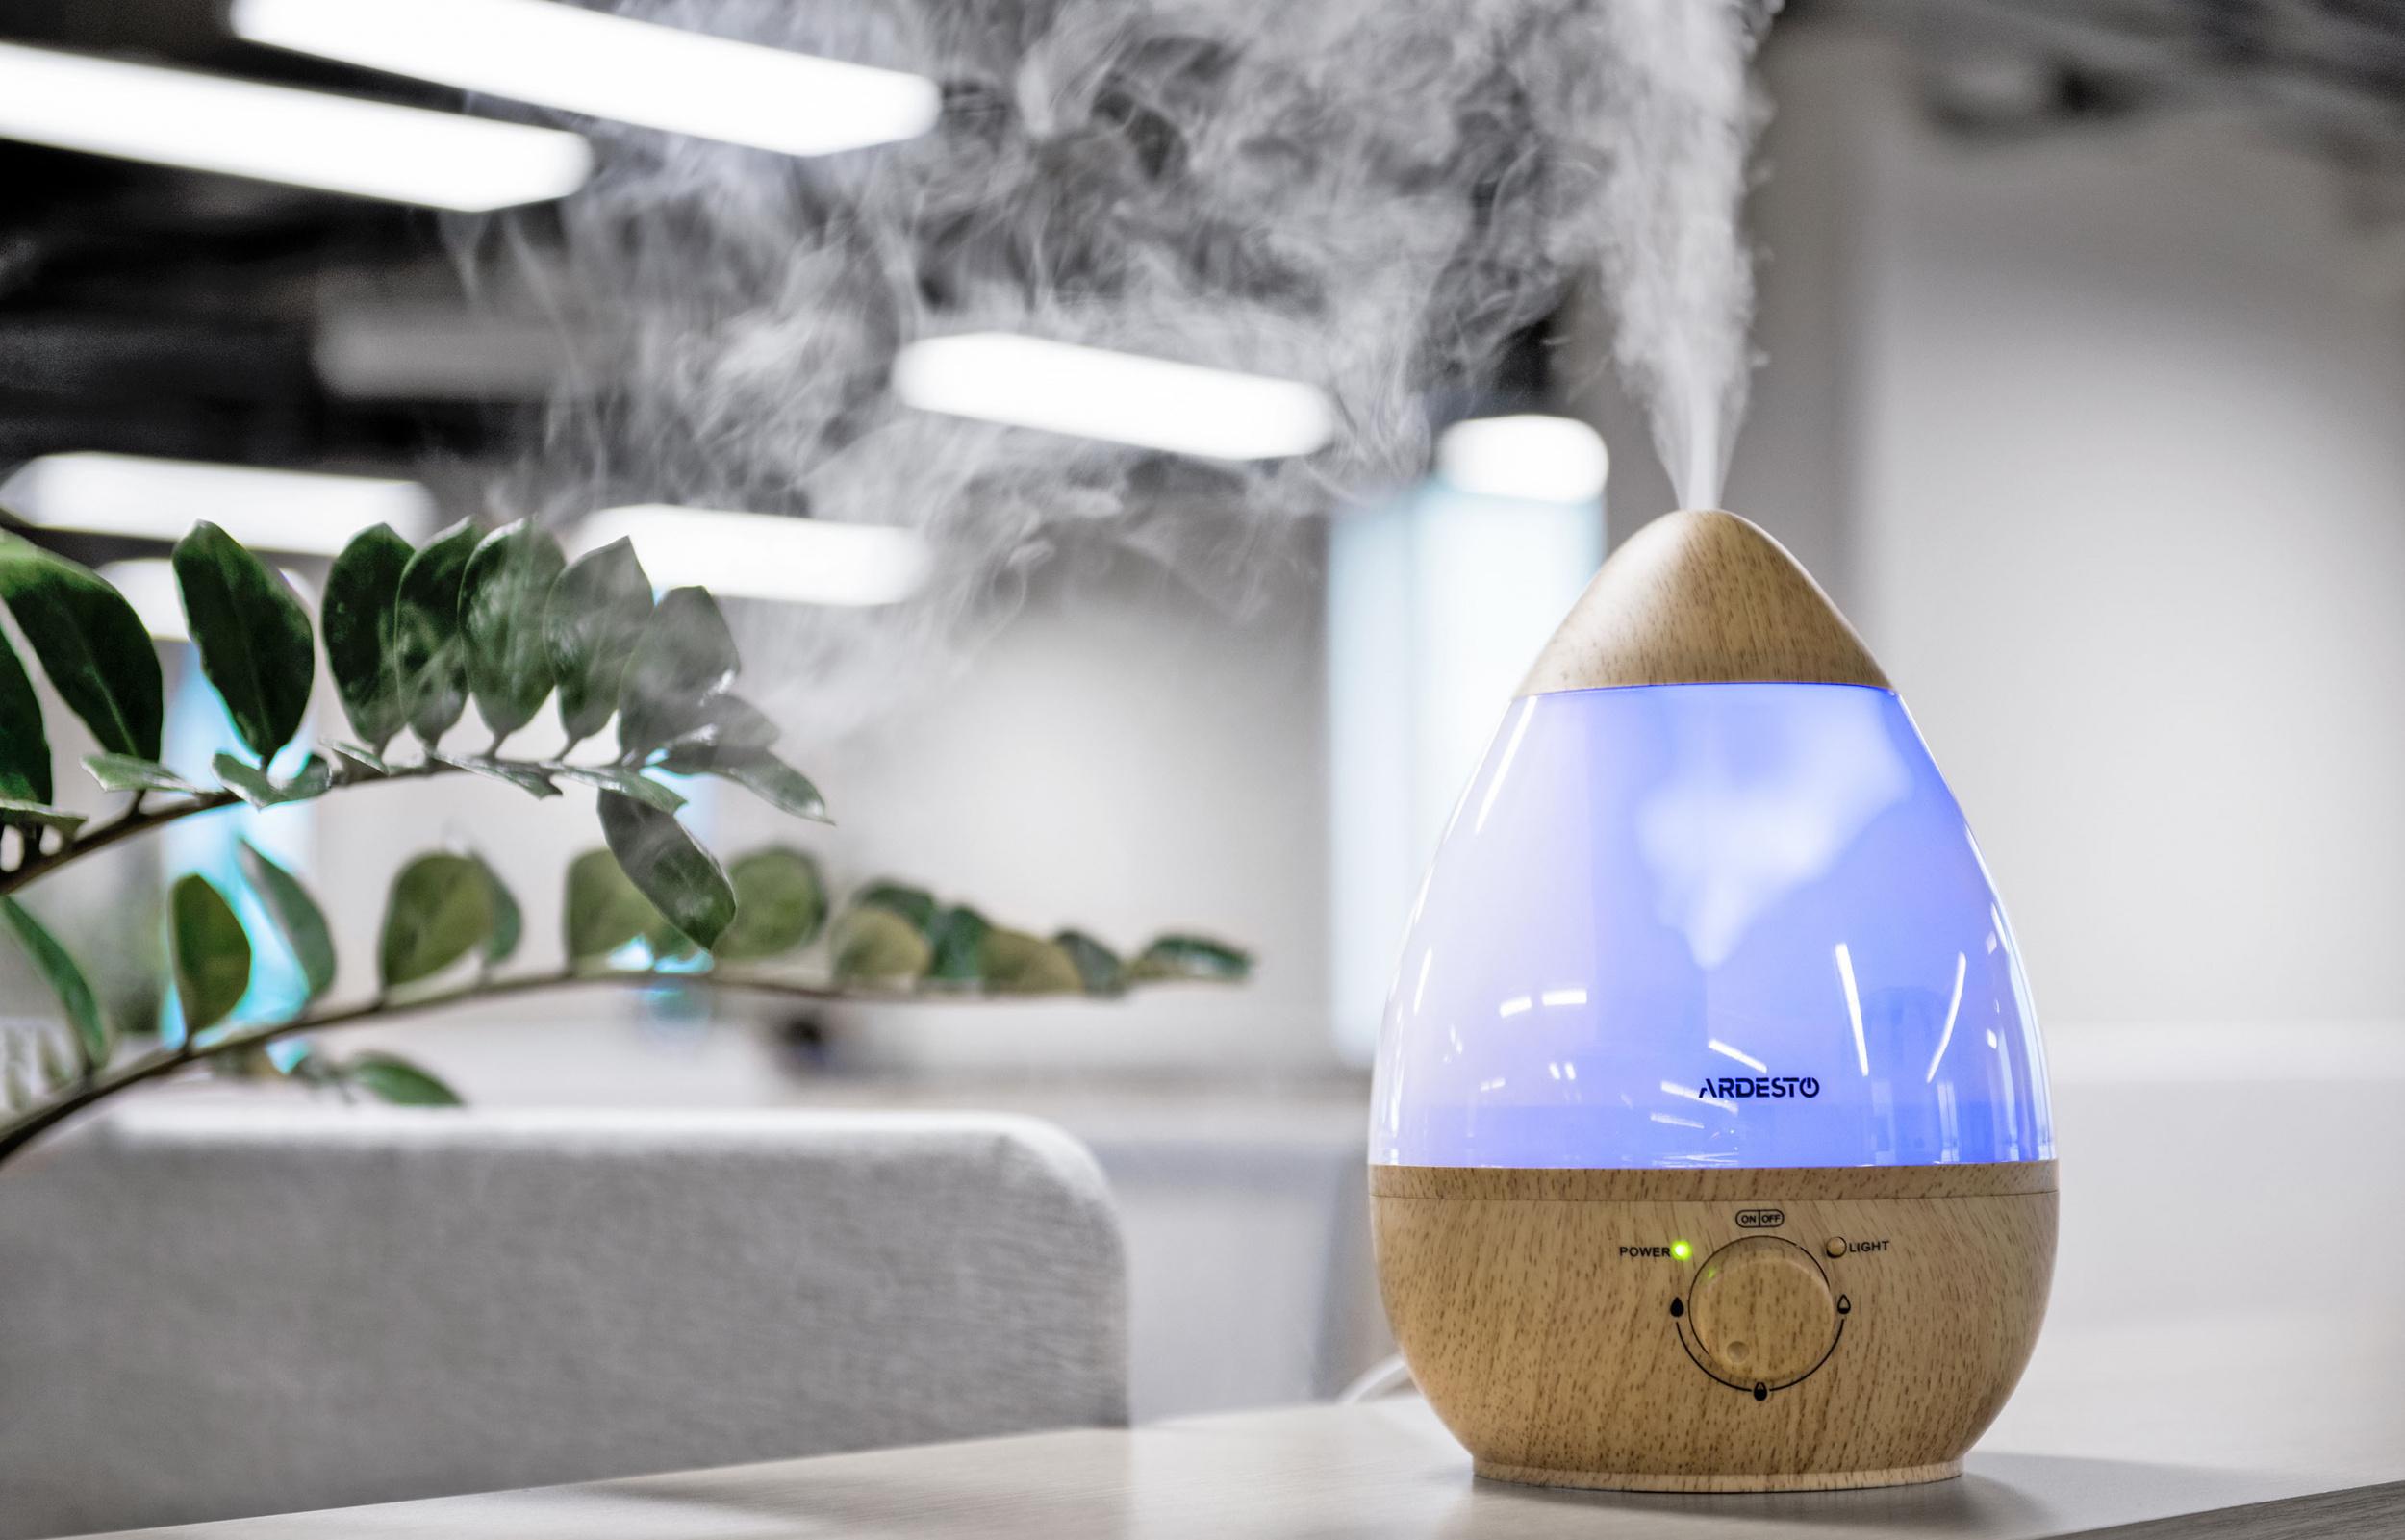 Топ 10 лучших увлажнителей воздуха до 5000 рублей по отзывам покупателей